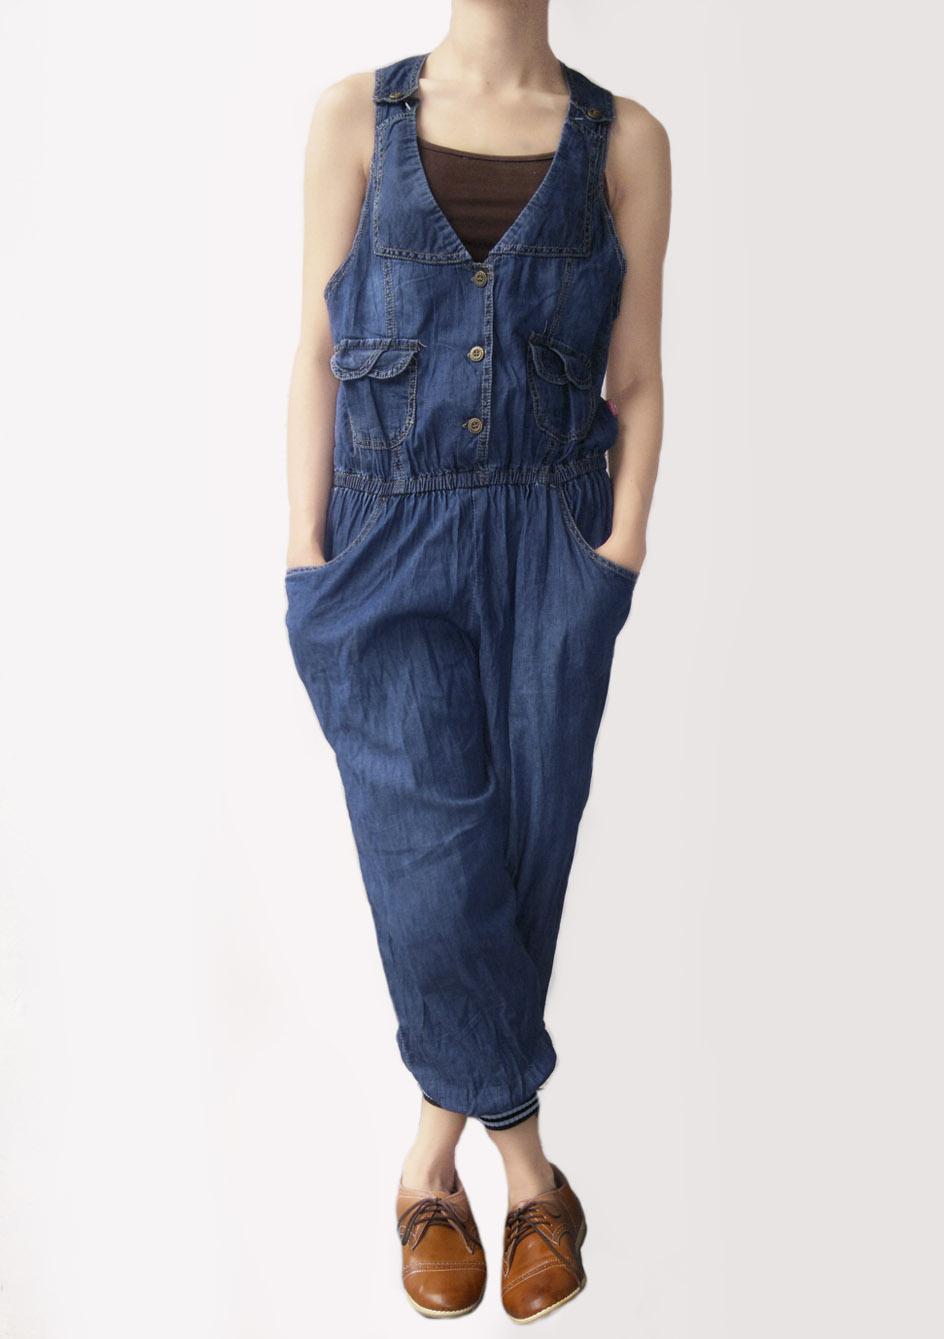 Baju dan Celana Kodok Jeans 1